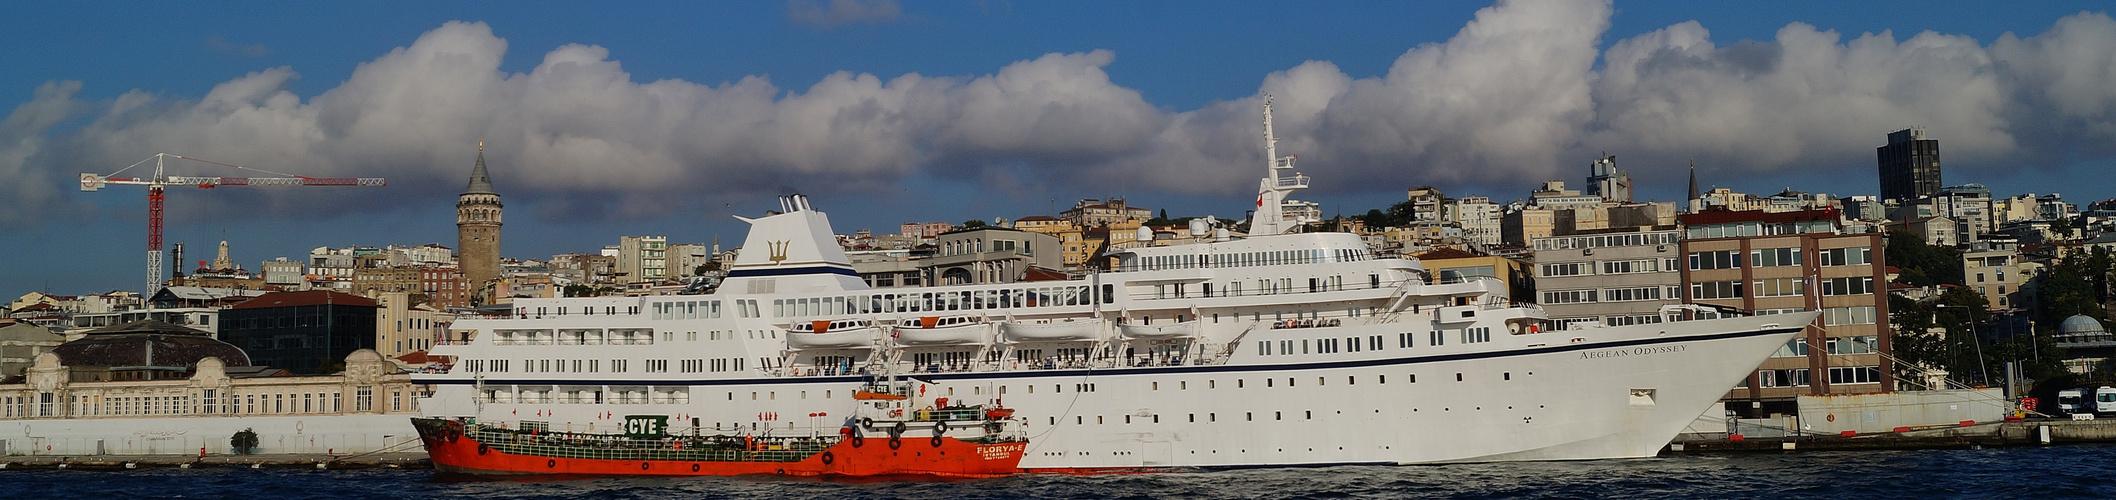 Aegean Odyssey in Istanbul